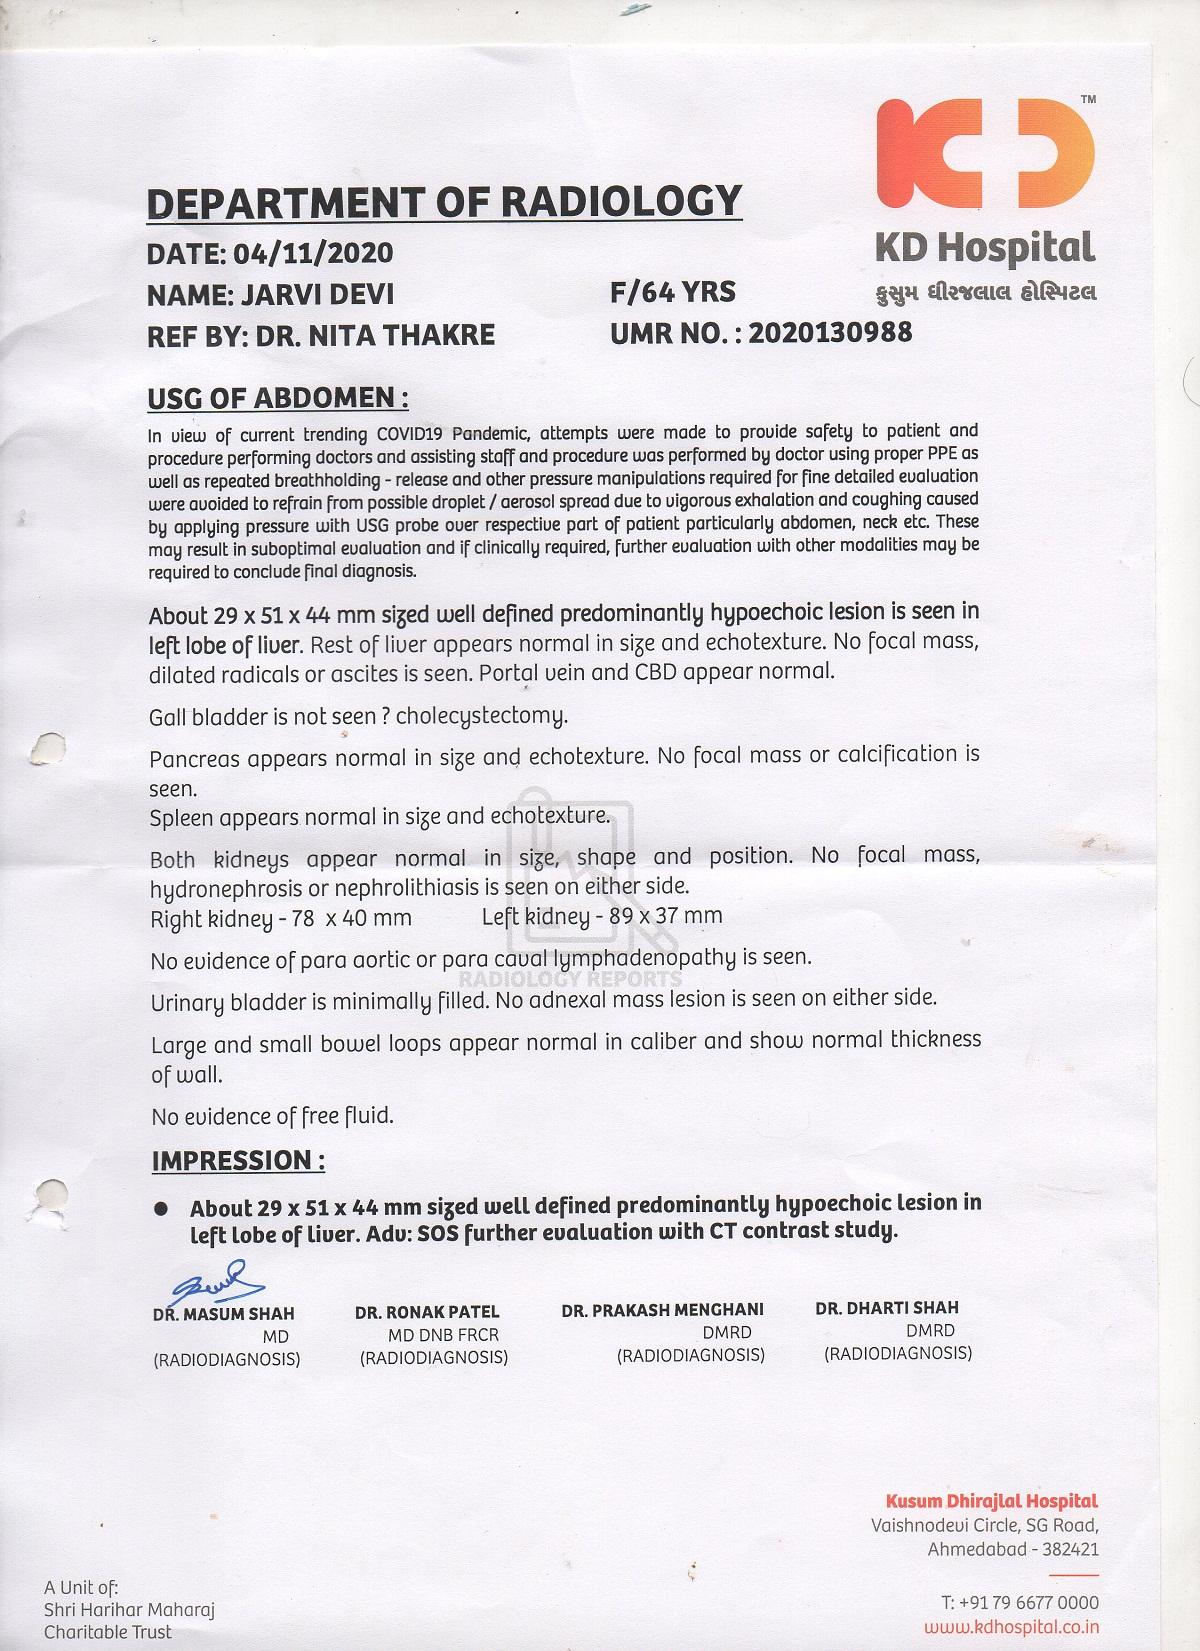 Javri-devi-cancer-Patient-Treatment-5